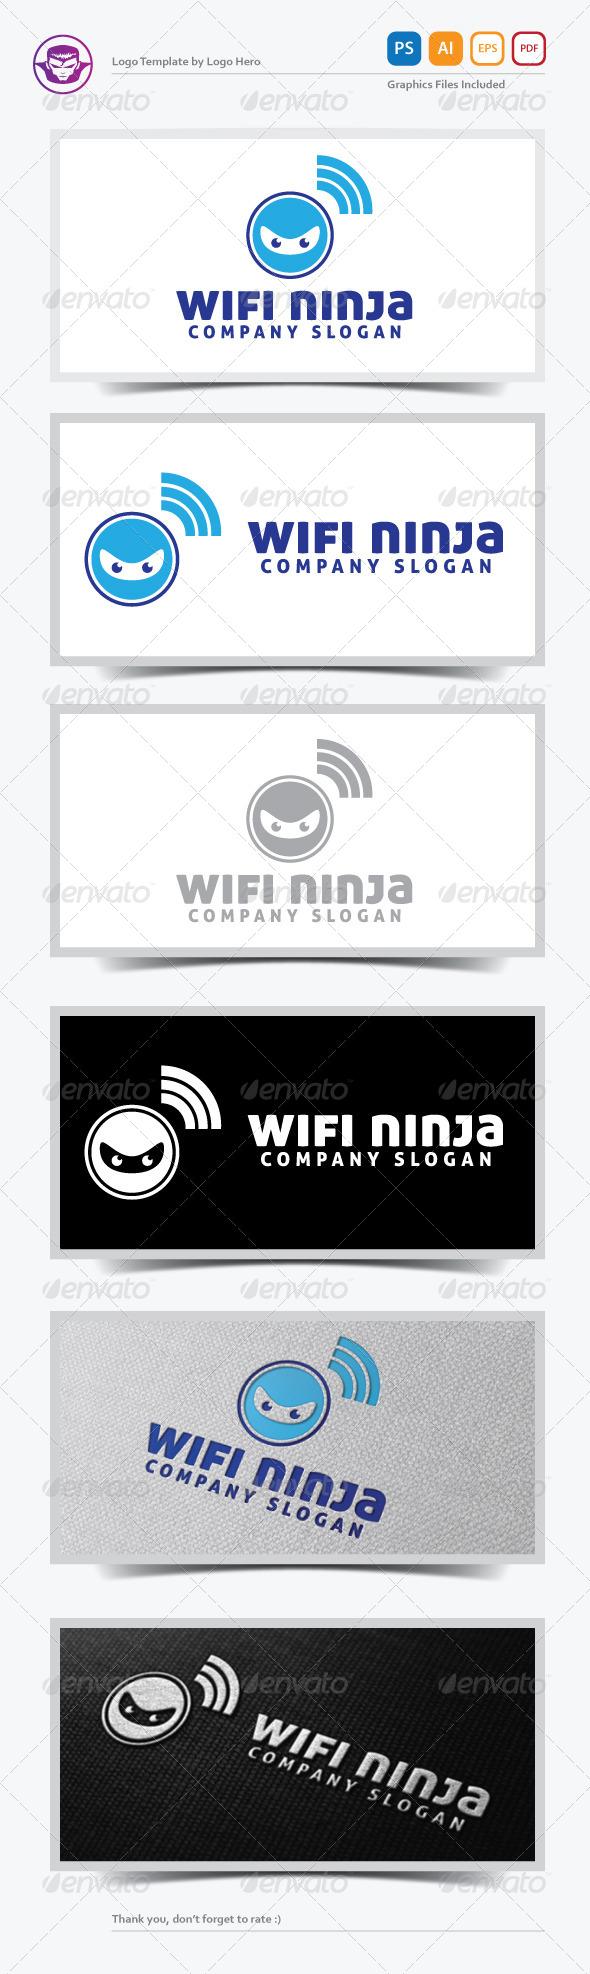 WiFi Ninja Logo Template